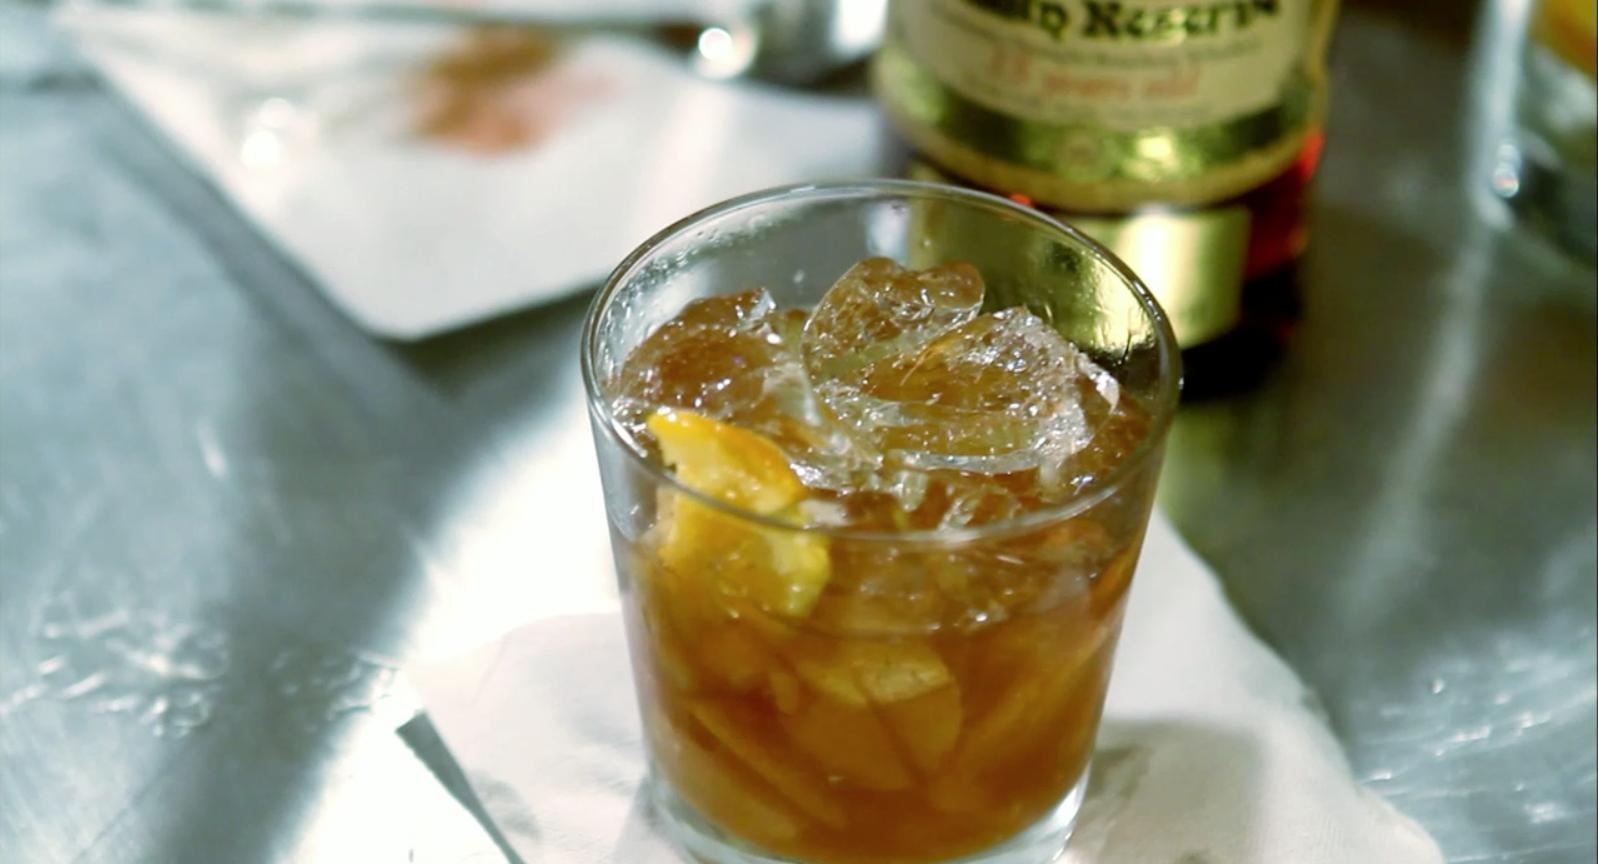 Julian Van Winkle's Old Fashion Cocktail Recipe